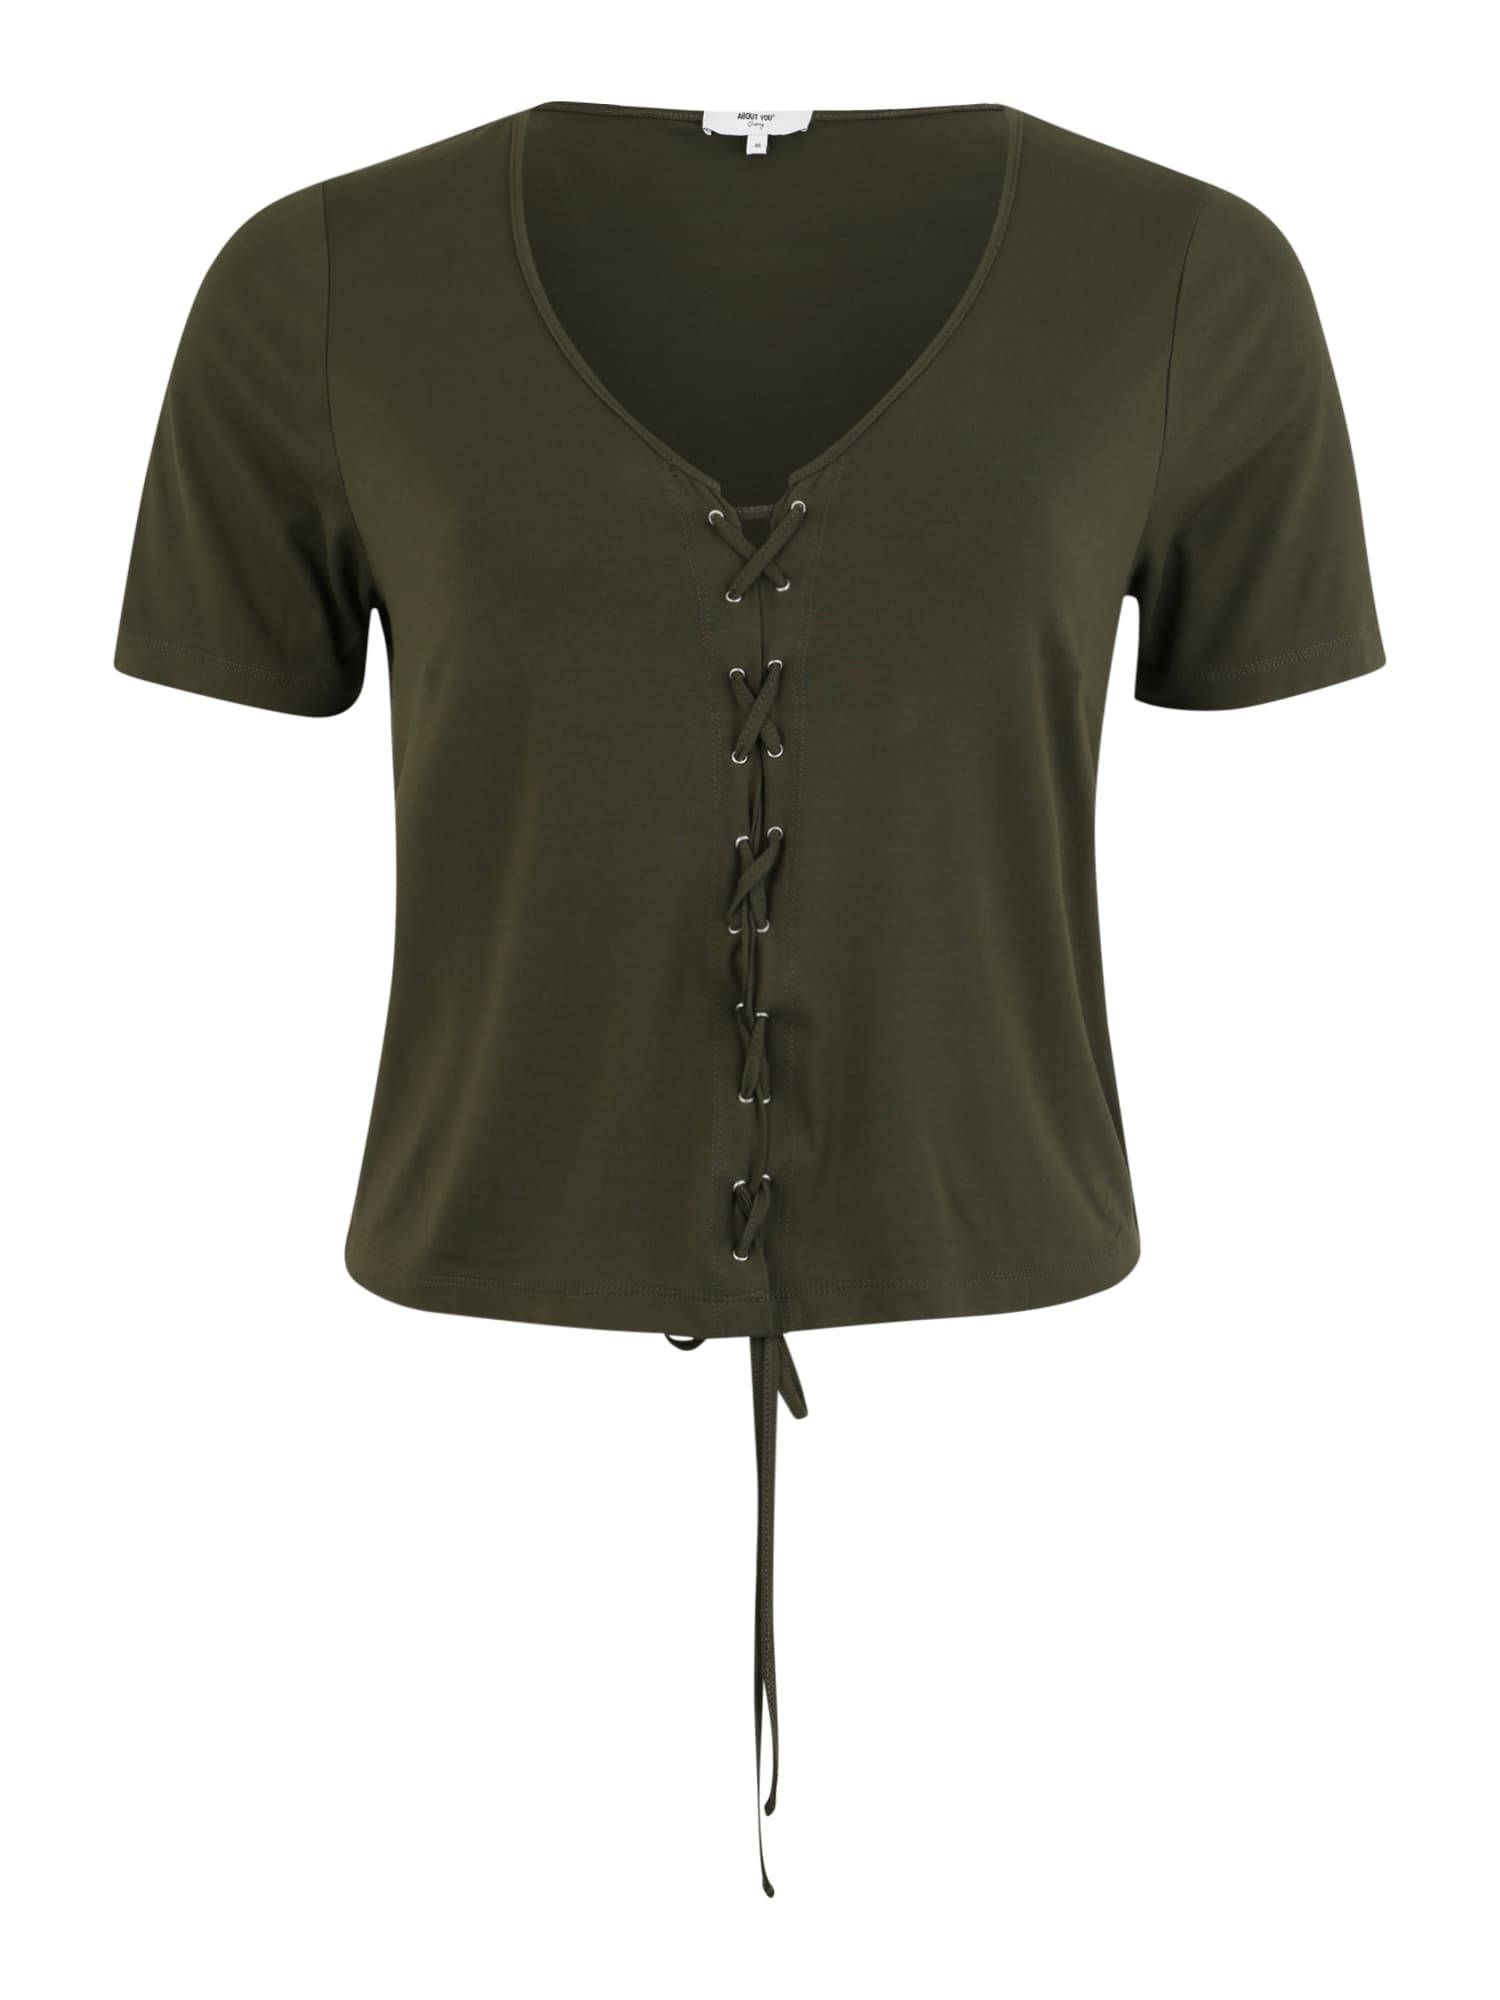 ABOUT YOU Curvy Marškinėliai 'Tania' rusvai žalia